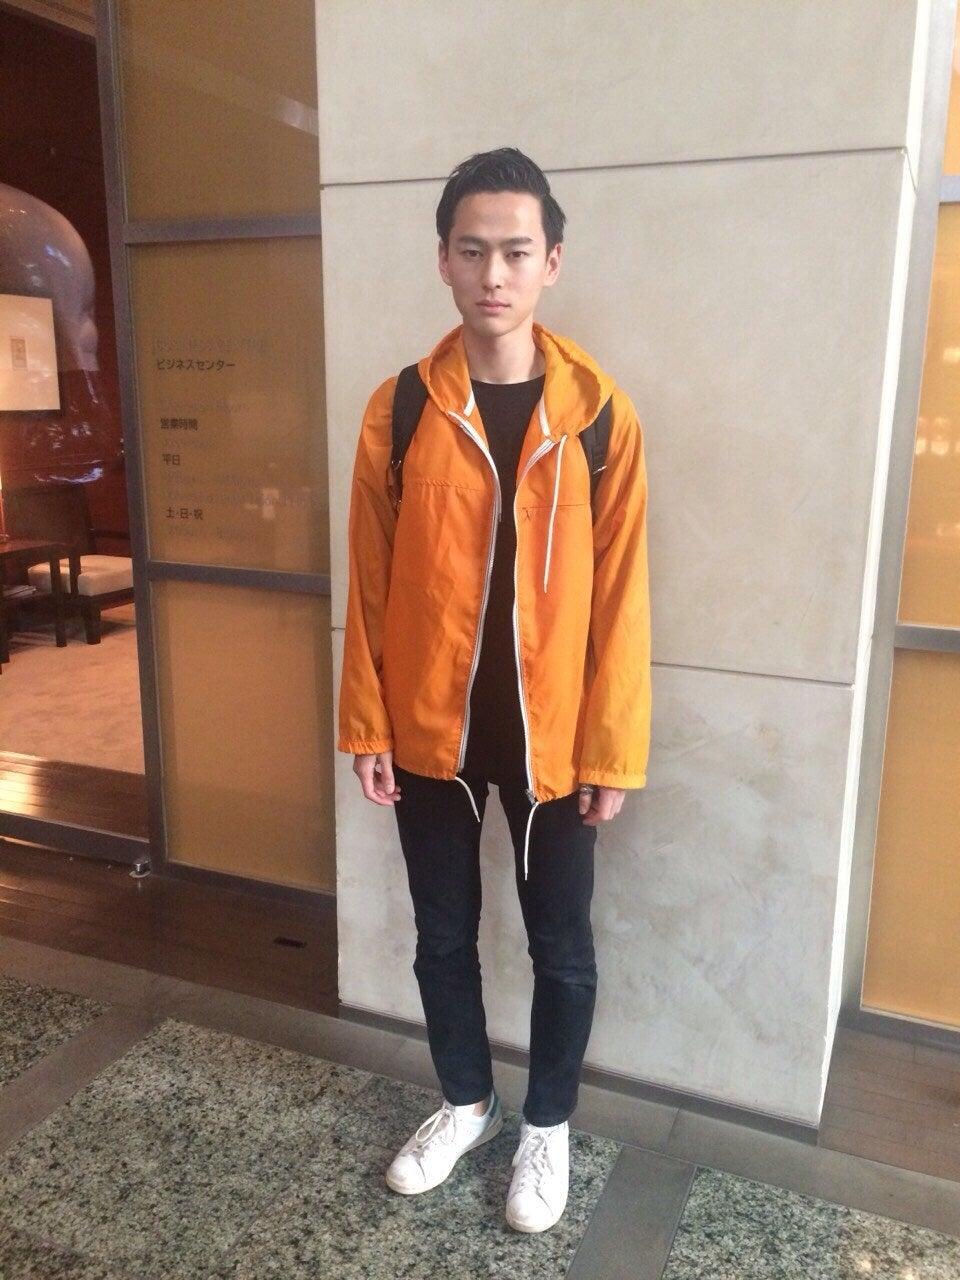 先週の今日はちょうど、毎月恒例のファッション診断で神戸に出張していました。初めて訪れた街でしたが、みんな優しい人ばかりだったし、いろんな人と話せて楽しかったです。今年の春は、オレンジ×黒とかコントラストの強い配色の着こなしが気になります。読売巨人軍のカラー?ってよく言われます(笑)